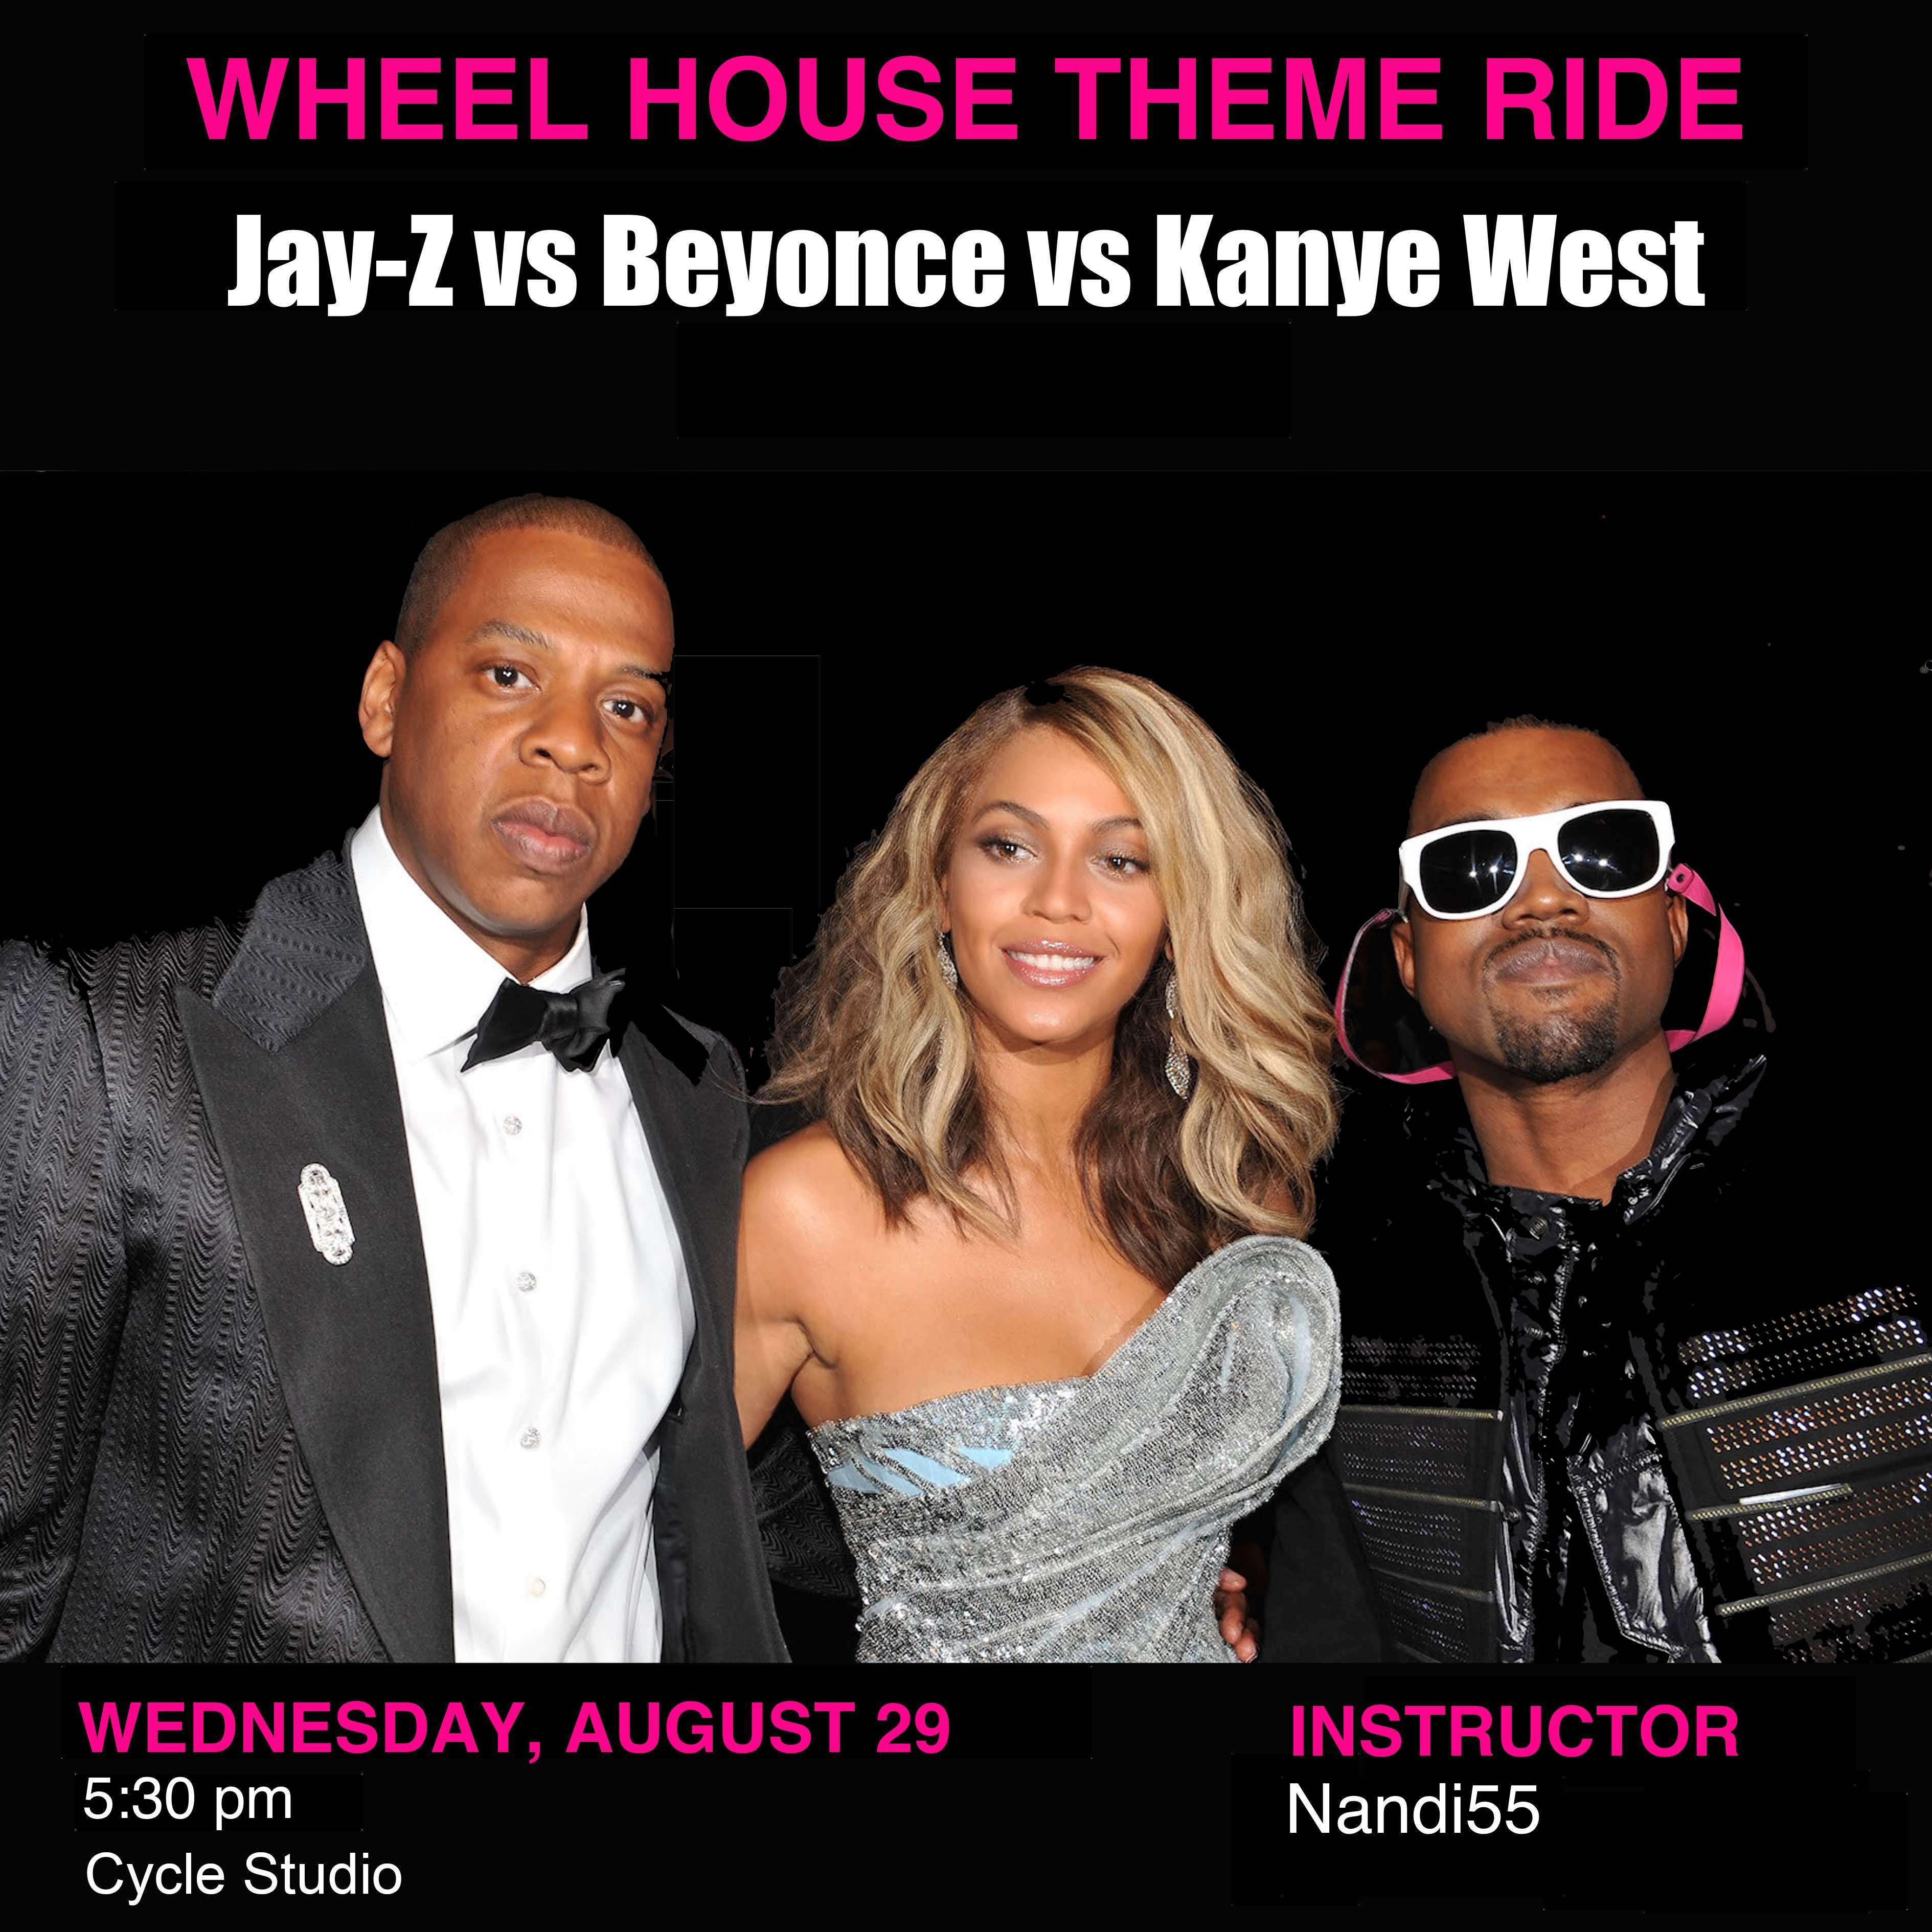 Jay-Z vs Beyonce vs Kanye West